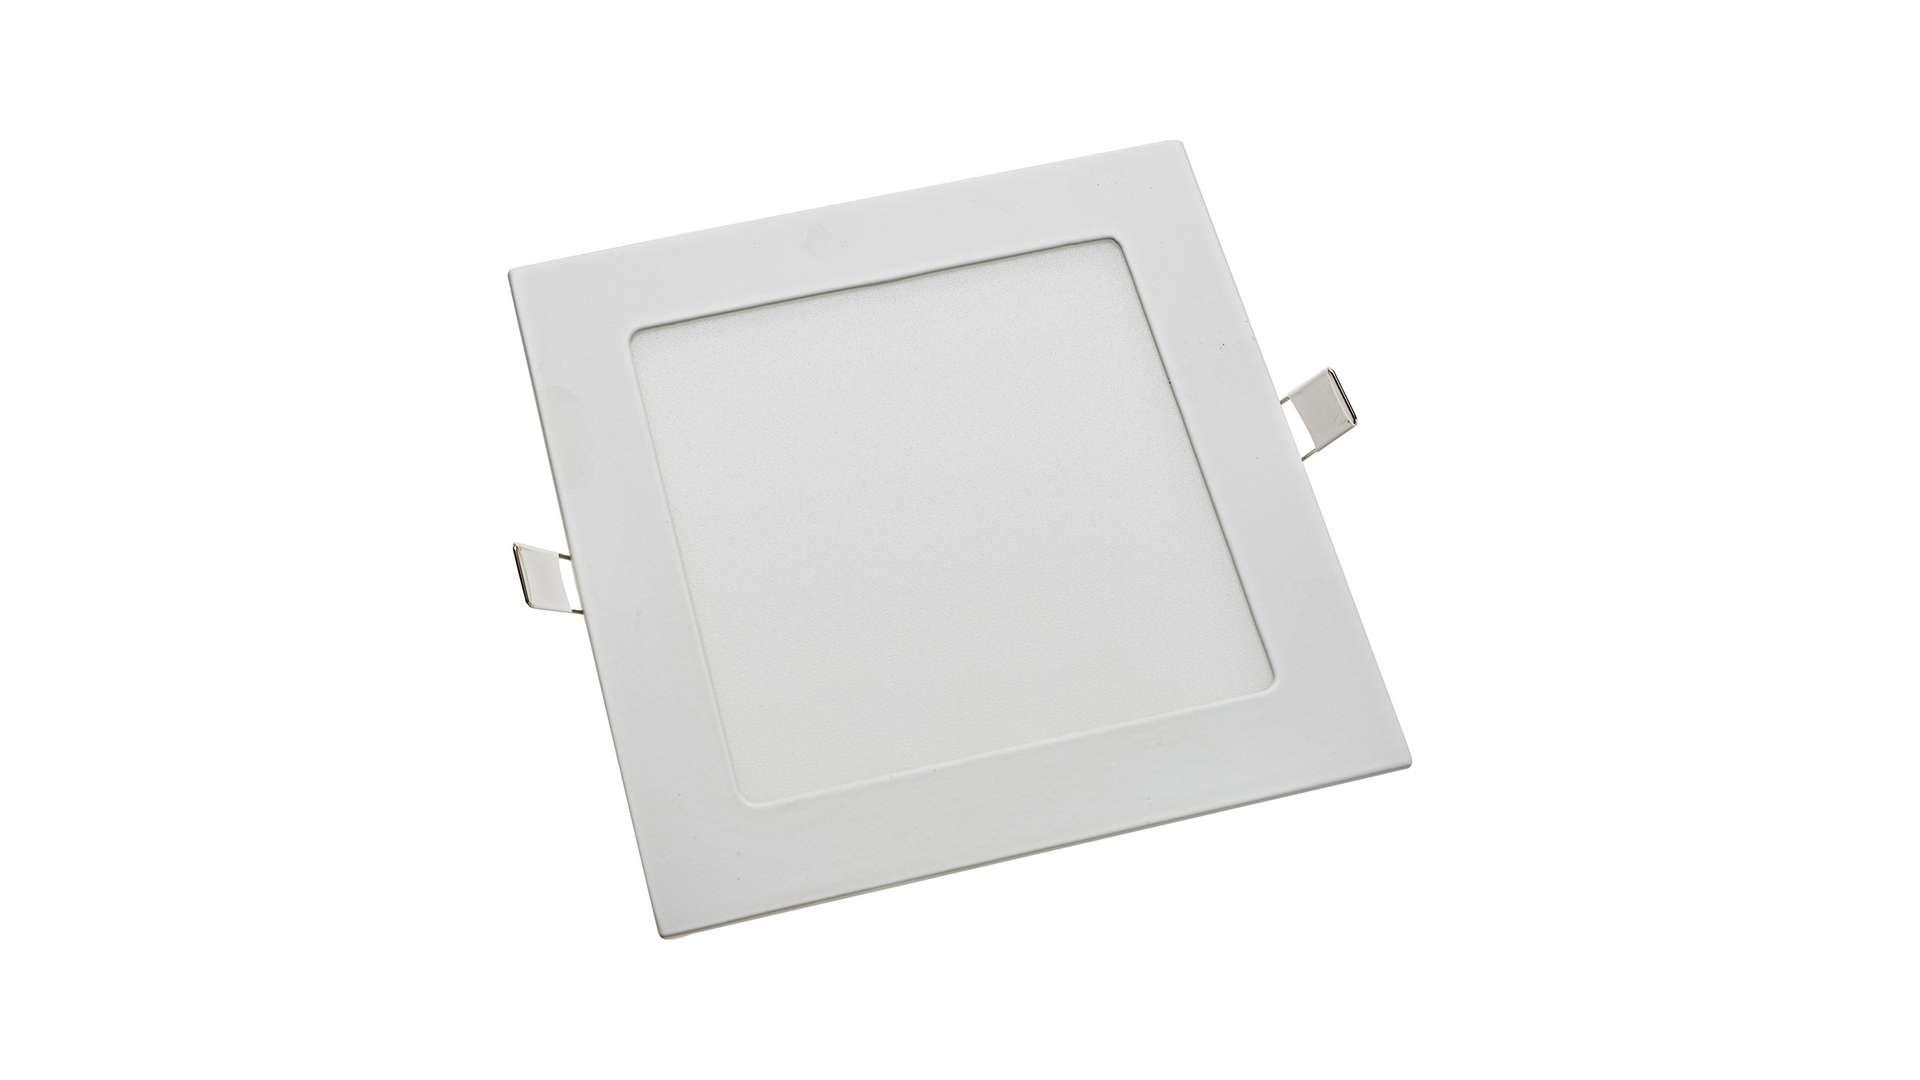 Panel LED 24W kwadrat Neutralny